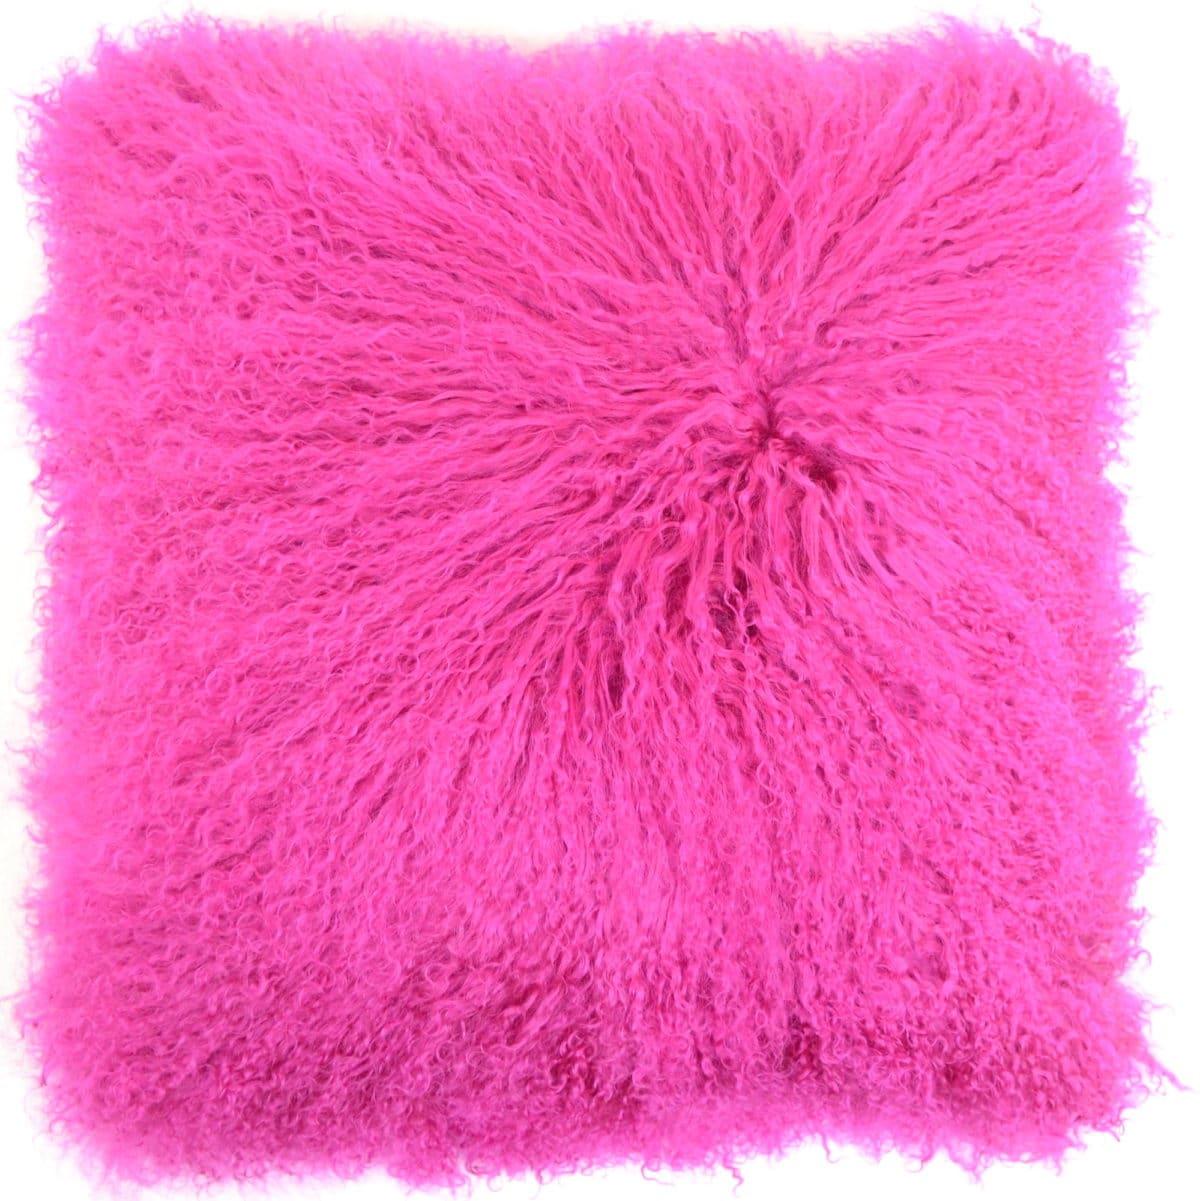 Snugrugs Mongolian Sheepskin Cushion 40cm x 40cm – Hot Pink